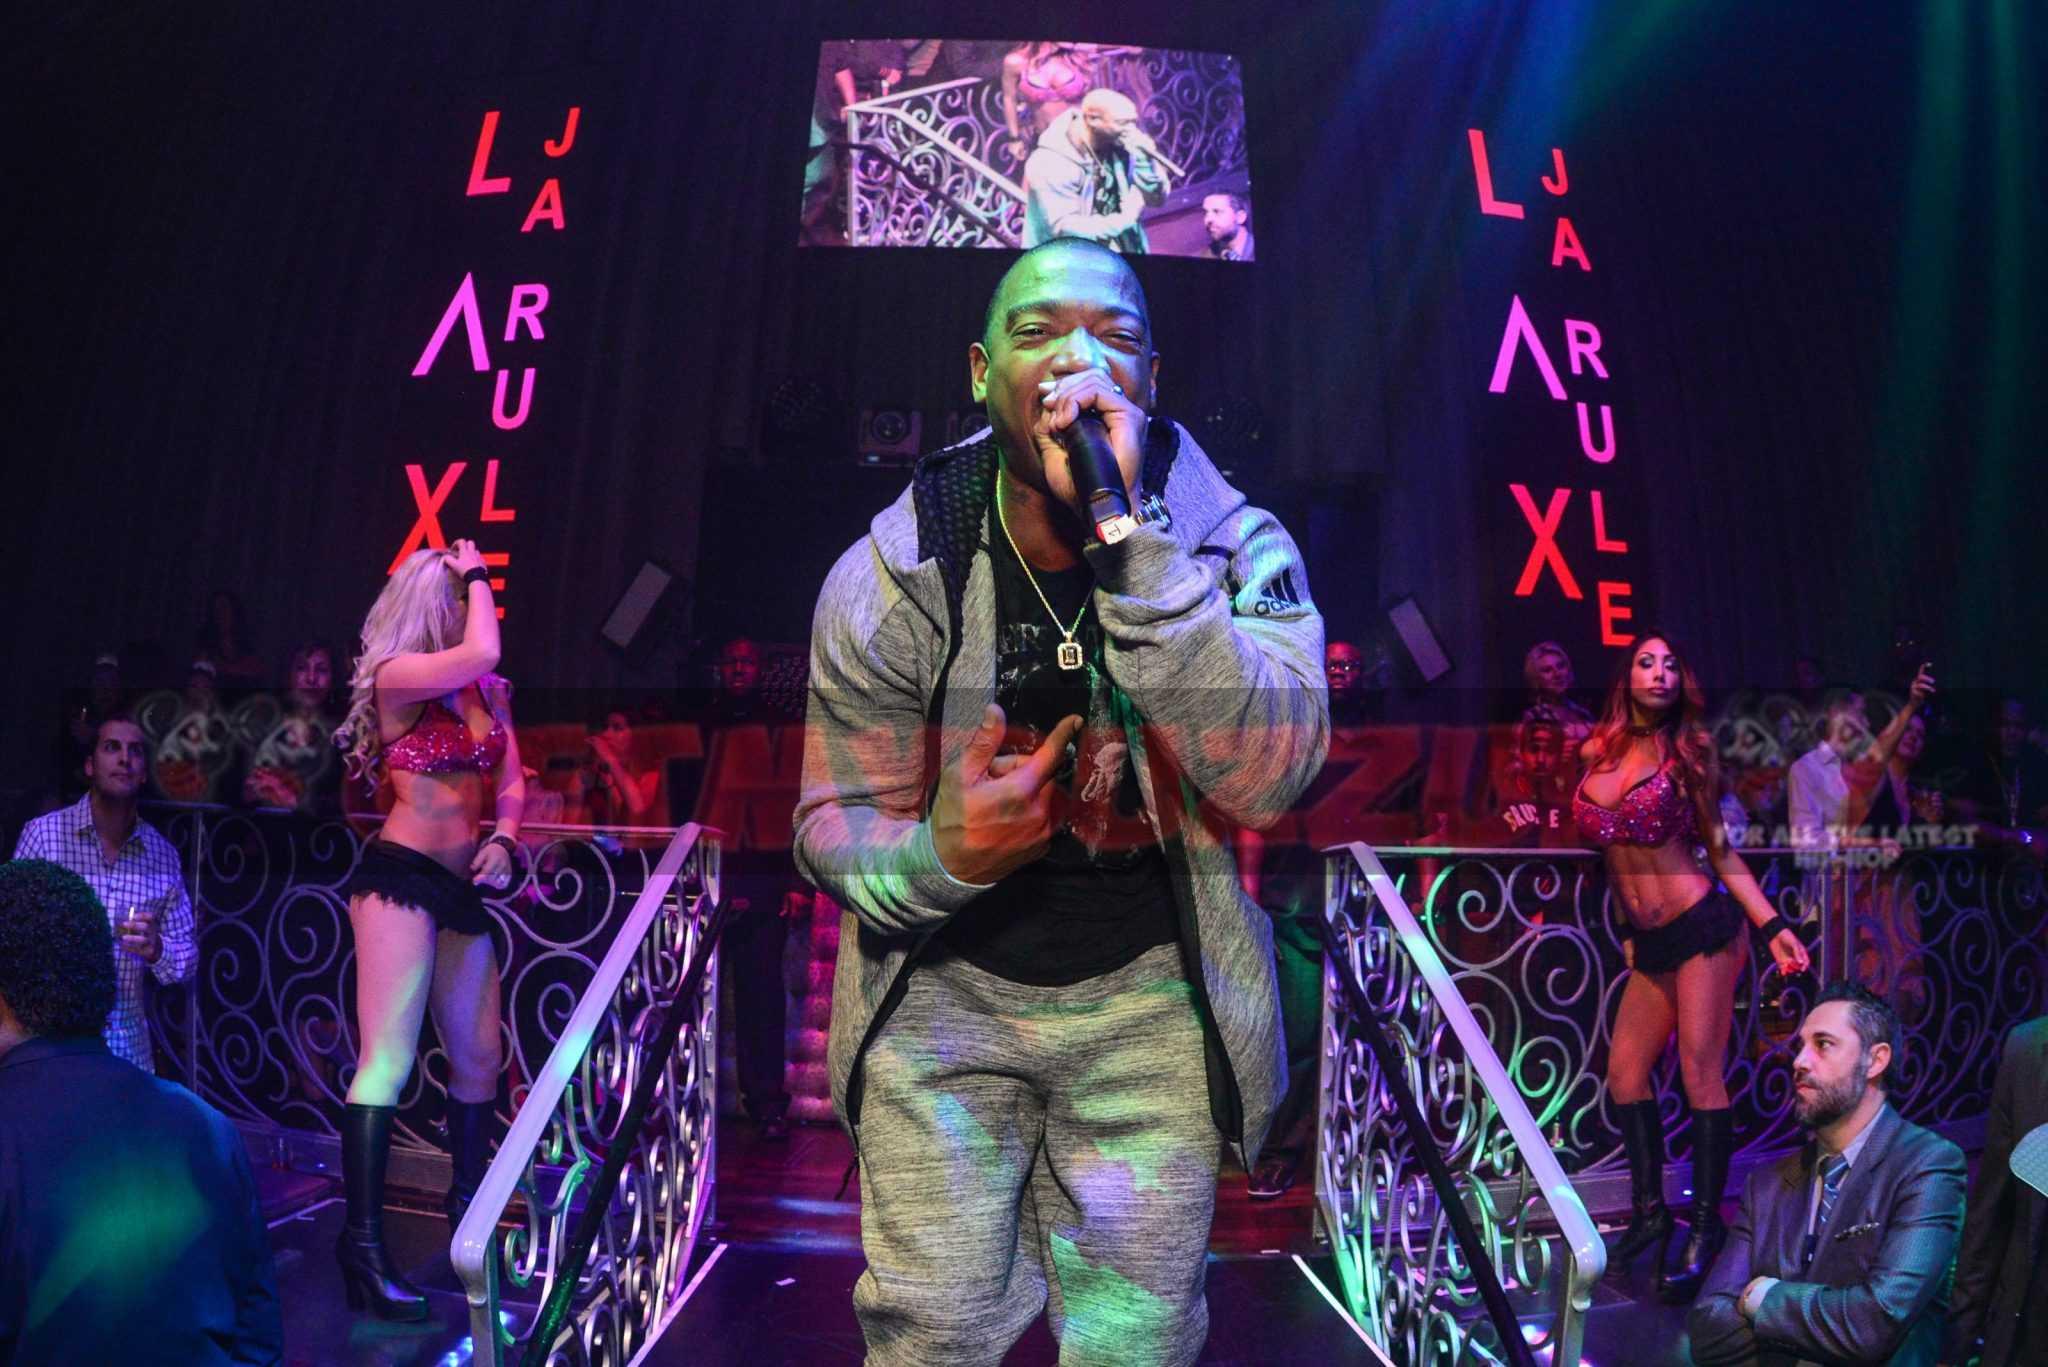 Ja Rule Keeps It Real at LAX Nightclub [Photos]